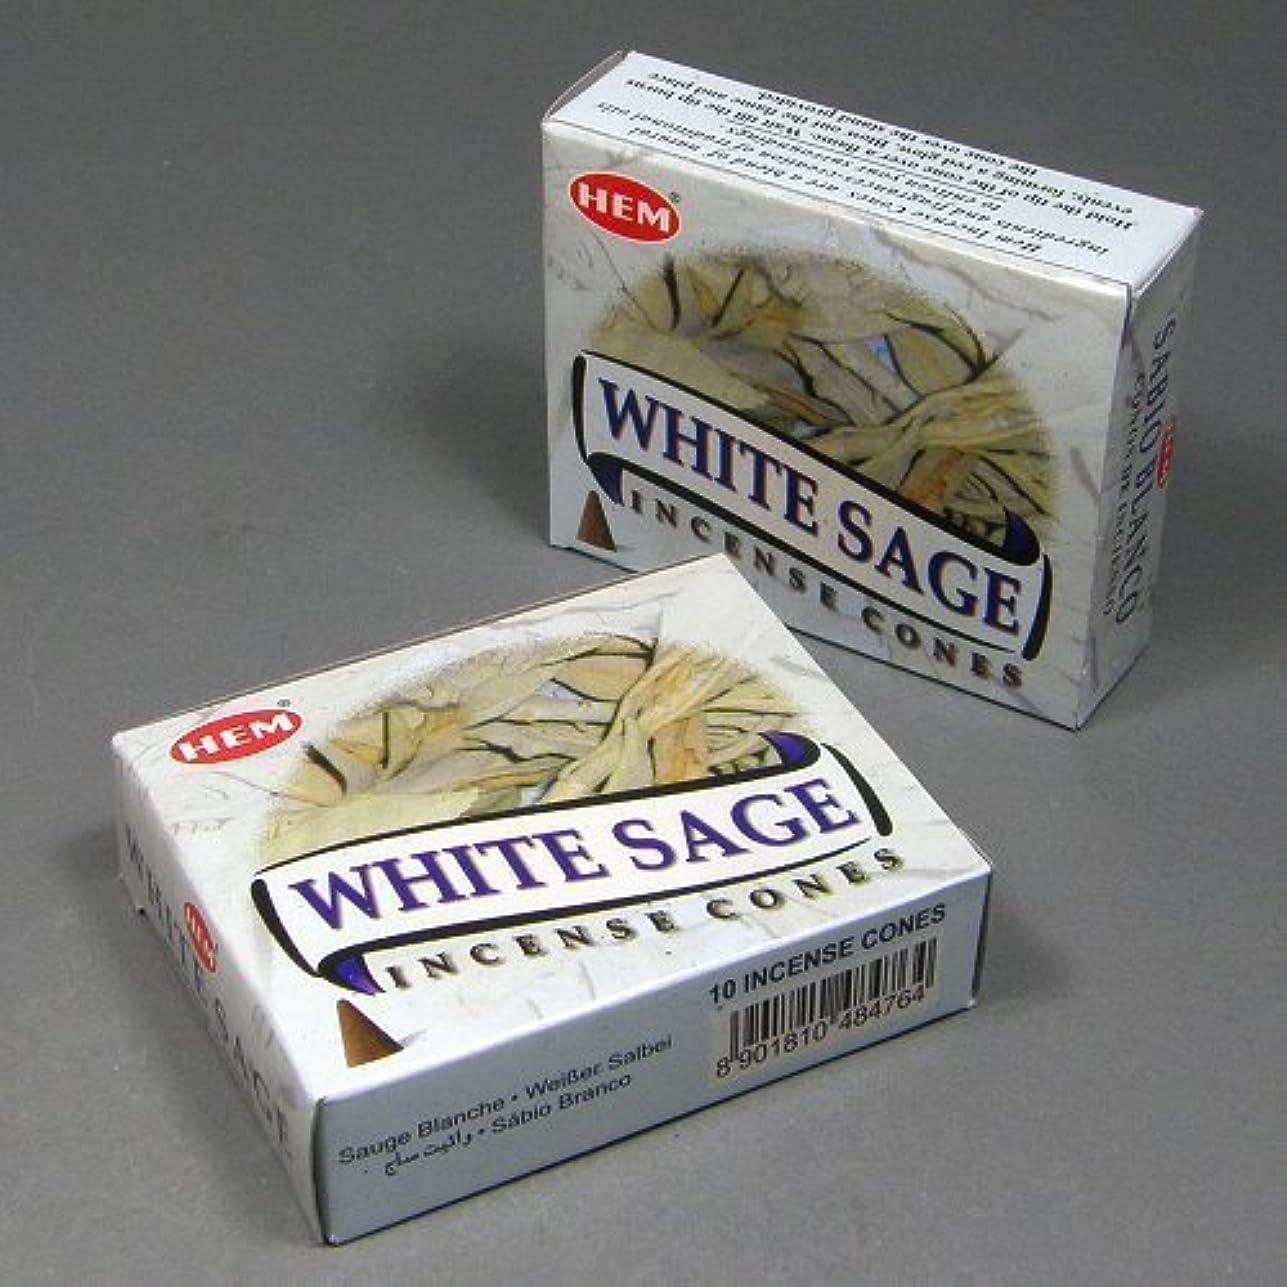 組み合わせ悪因子怖がらせるHemホワイトセージ香Dhoop Cones、10円錐のペアボックス